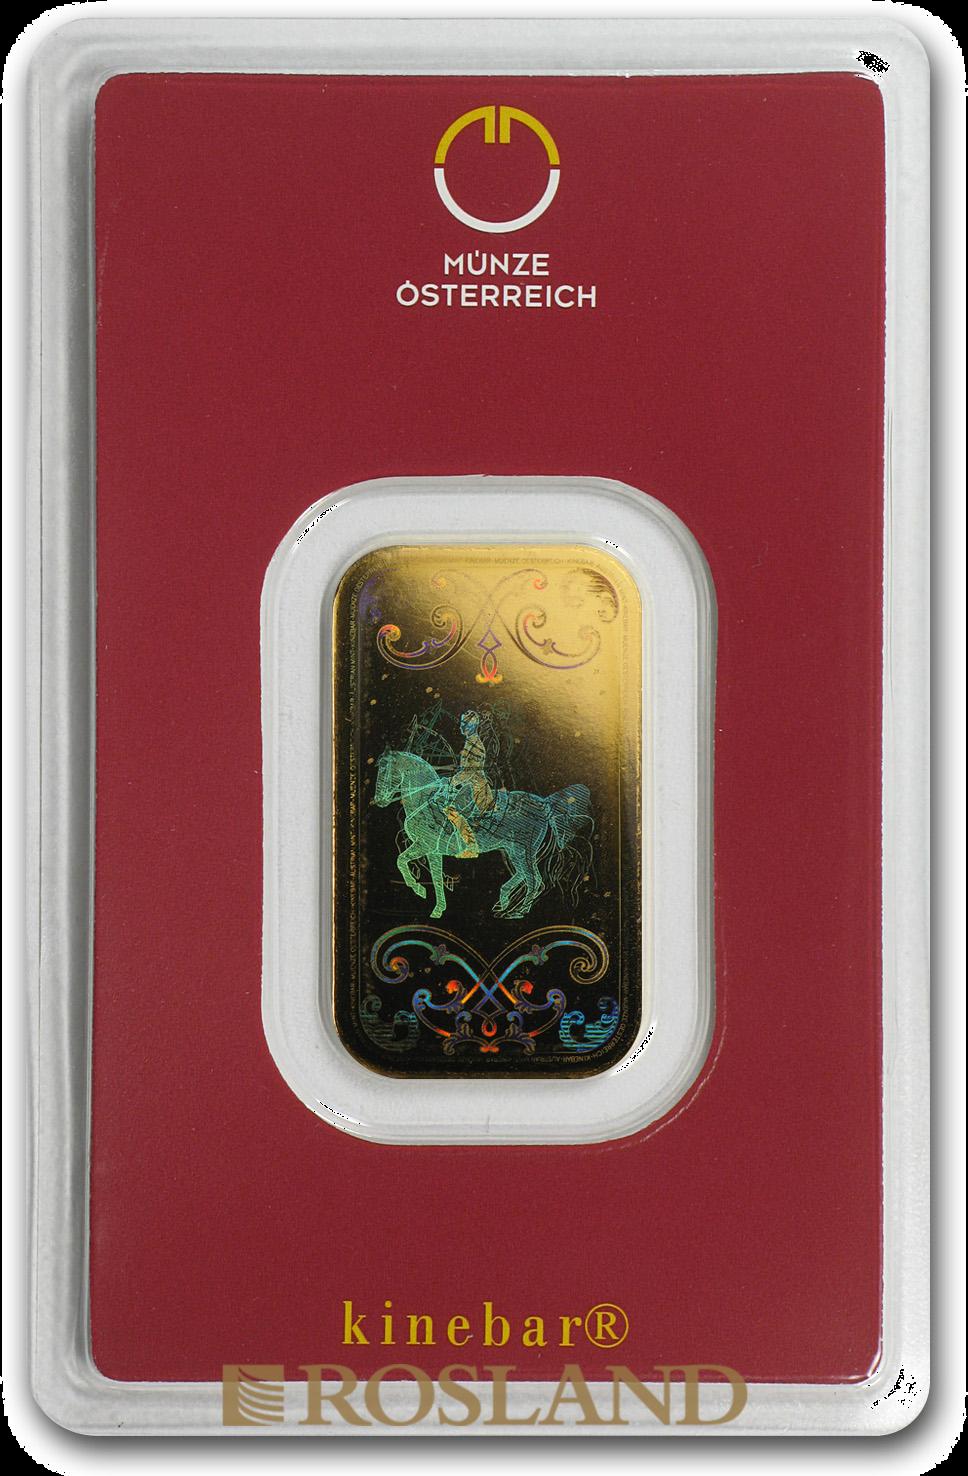 10 Gramm Goldbarren Münze Österreich Kinebar®